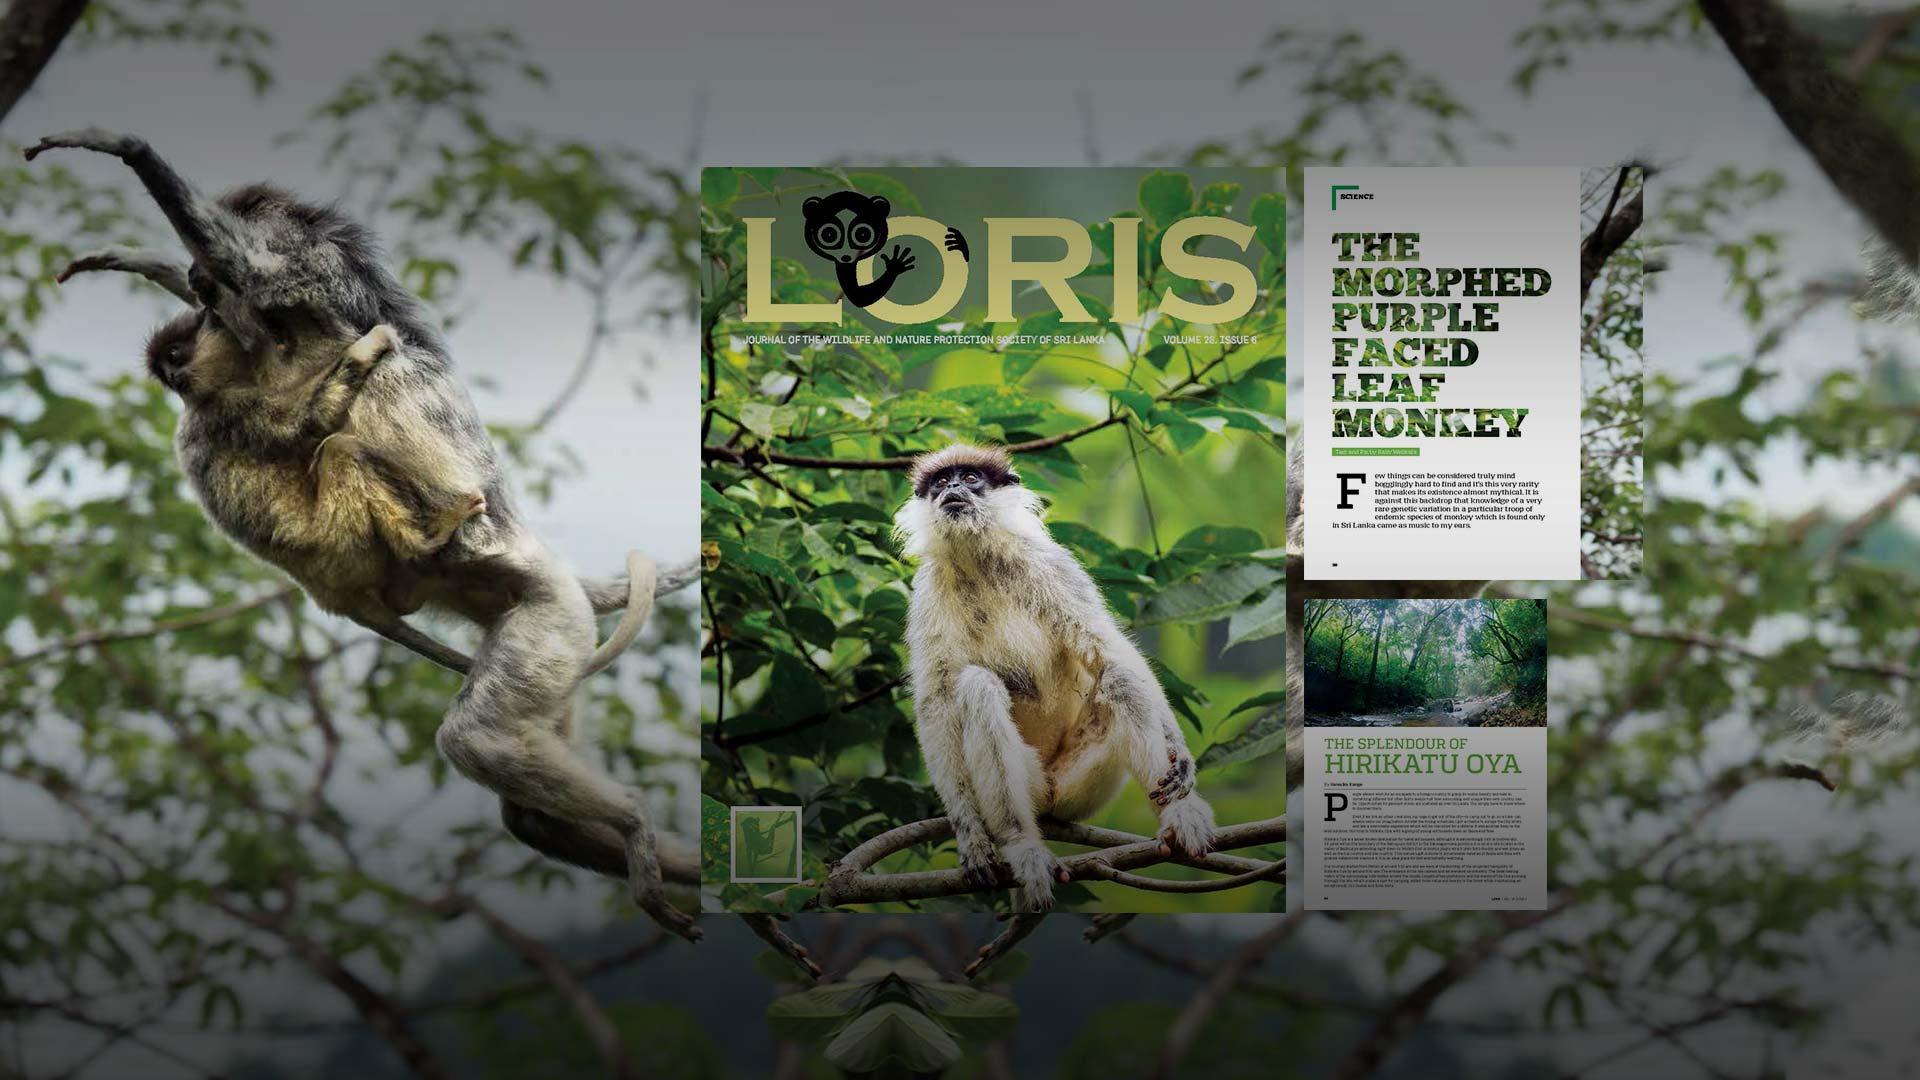 Loris Publication